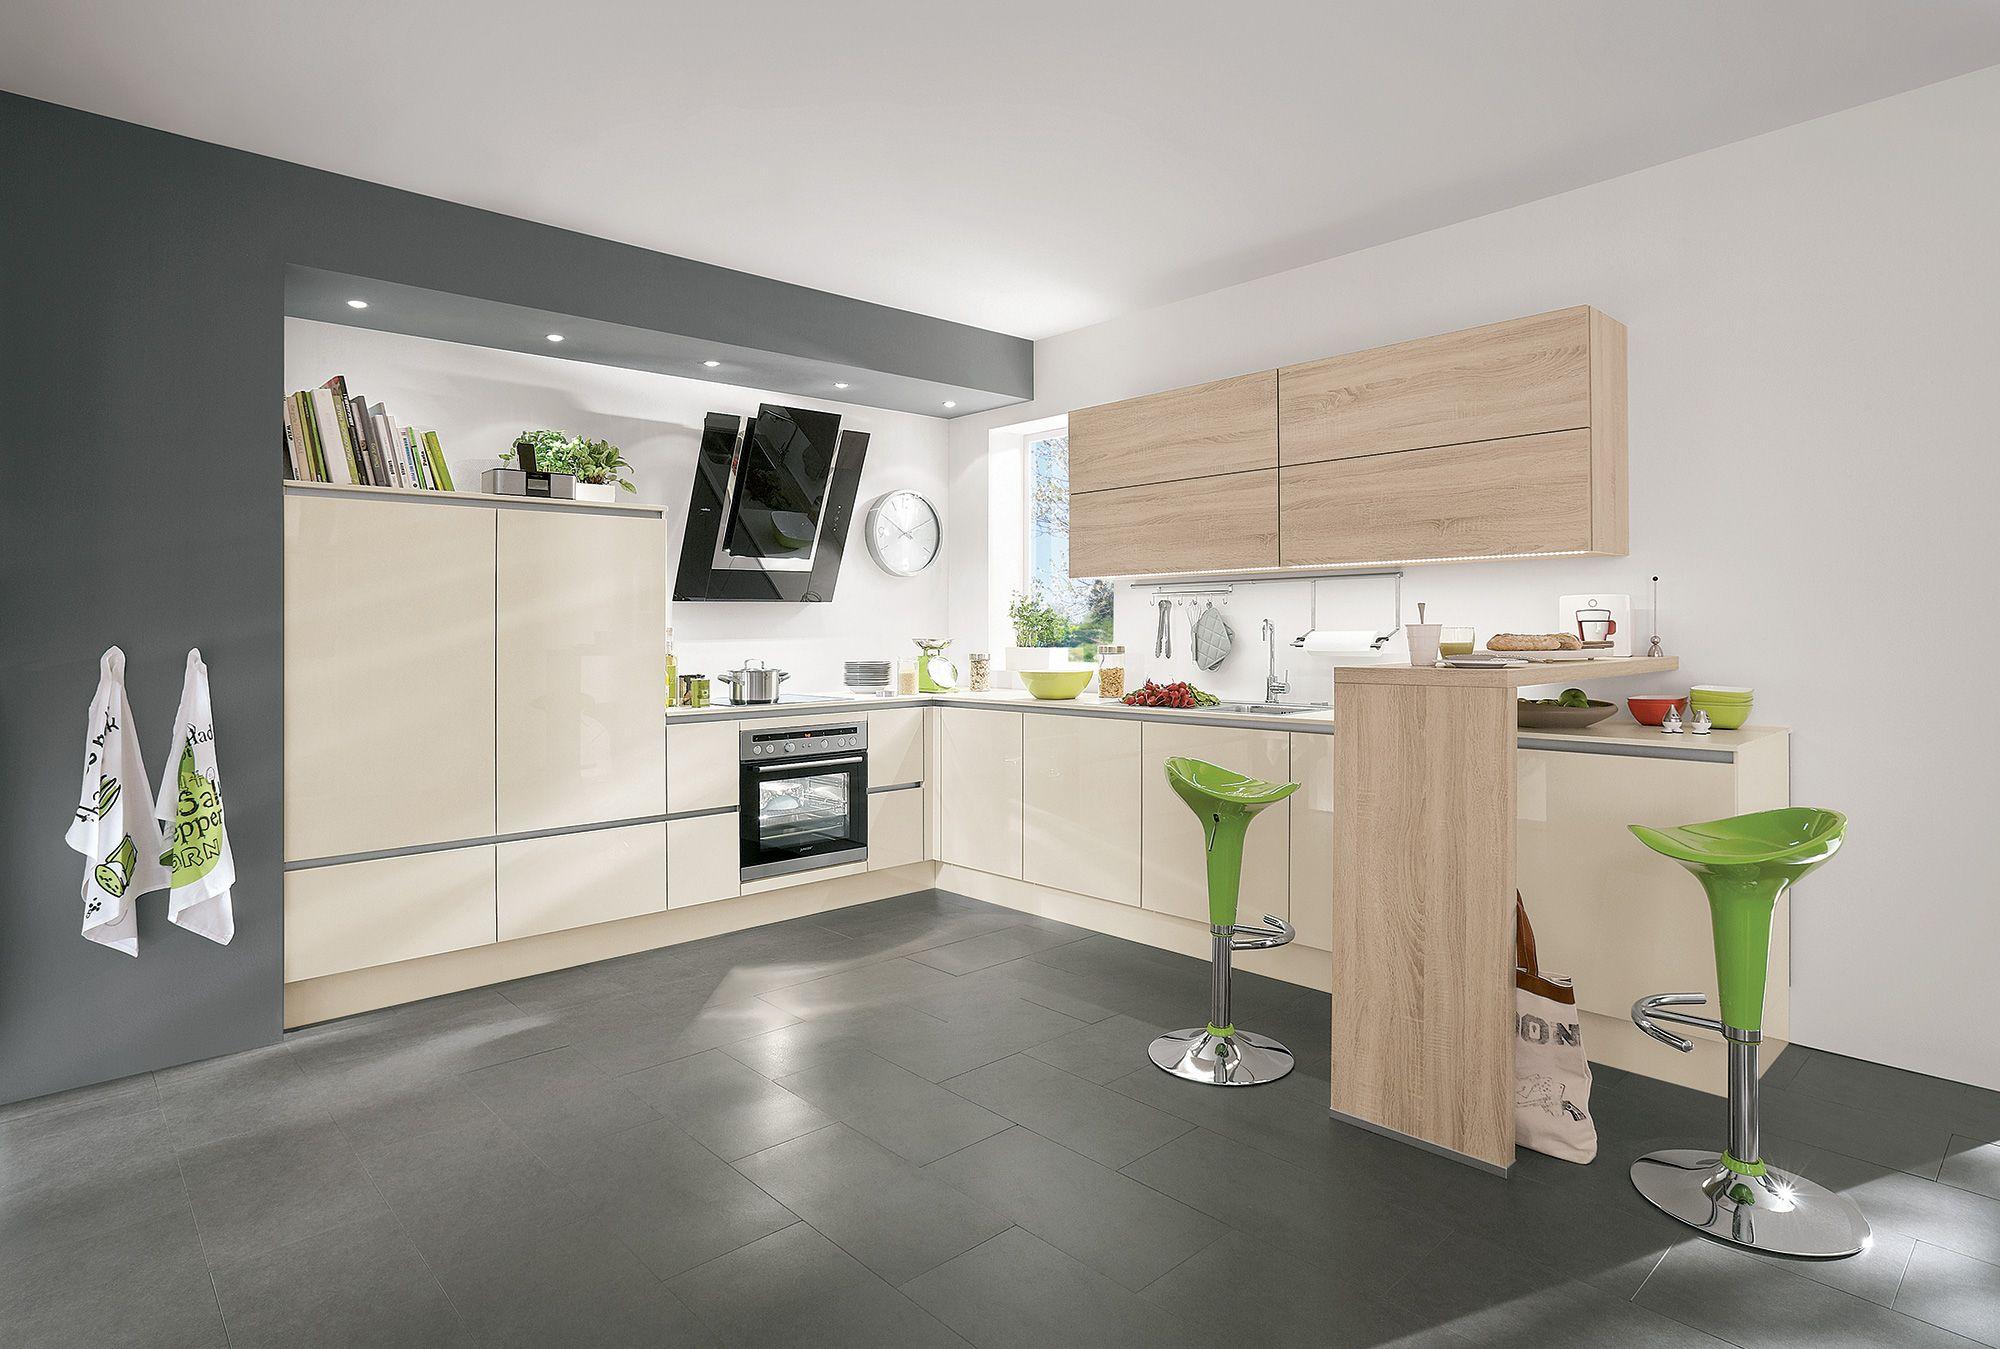 Schön Kit Form Küchen Perth Fotos - Küchen Ideen Modern ...